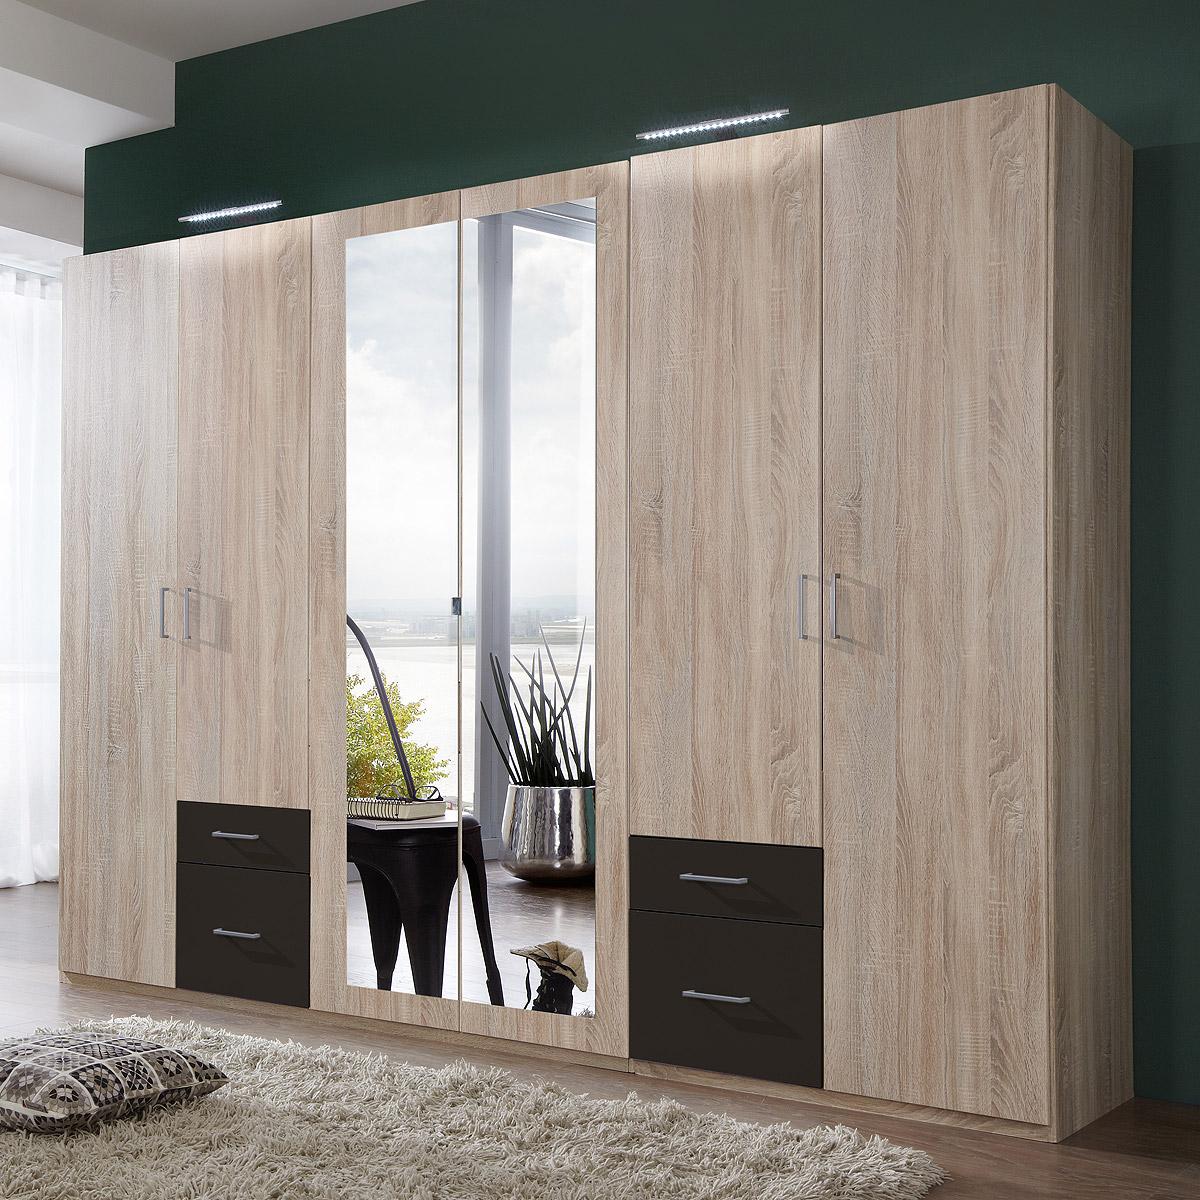 kleiderschrank fly schrank dreht renschrank mit spiegel ebay. Black Bedroom Furniture Sets. Home Design Ideas